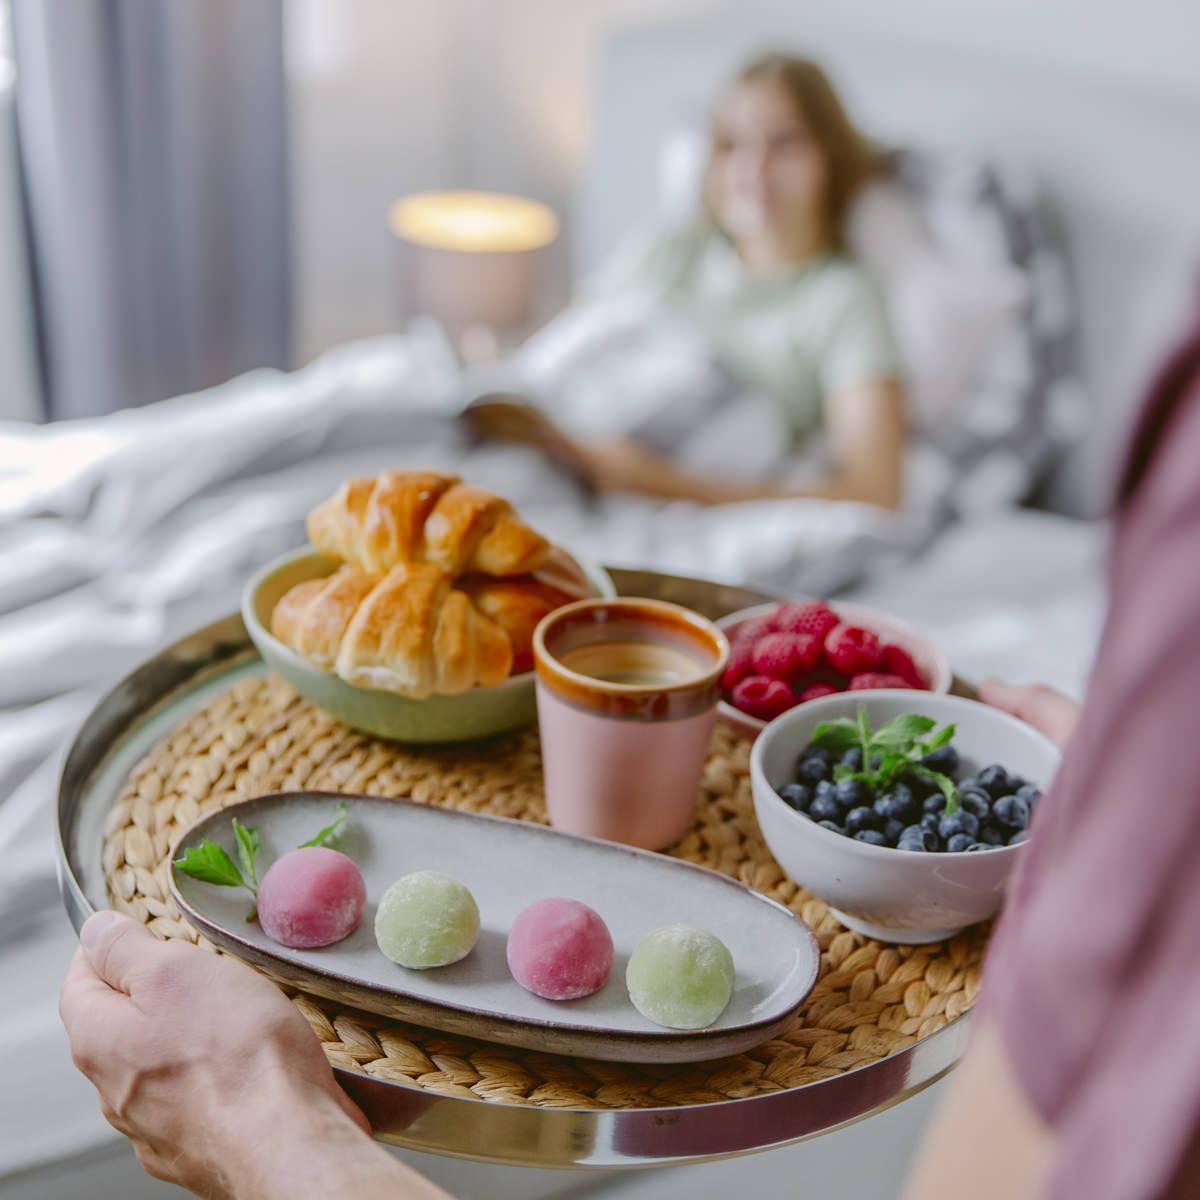 Frühstücksteller mit Leckereien von Eat Happy, fotografiert für Social Media | Foto: Hanna Witte